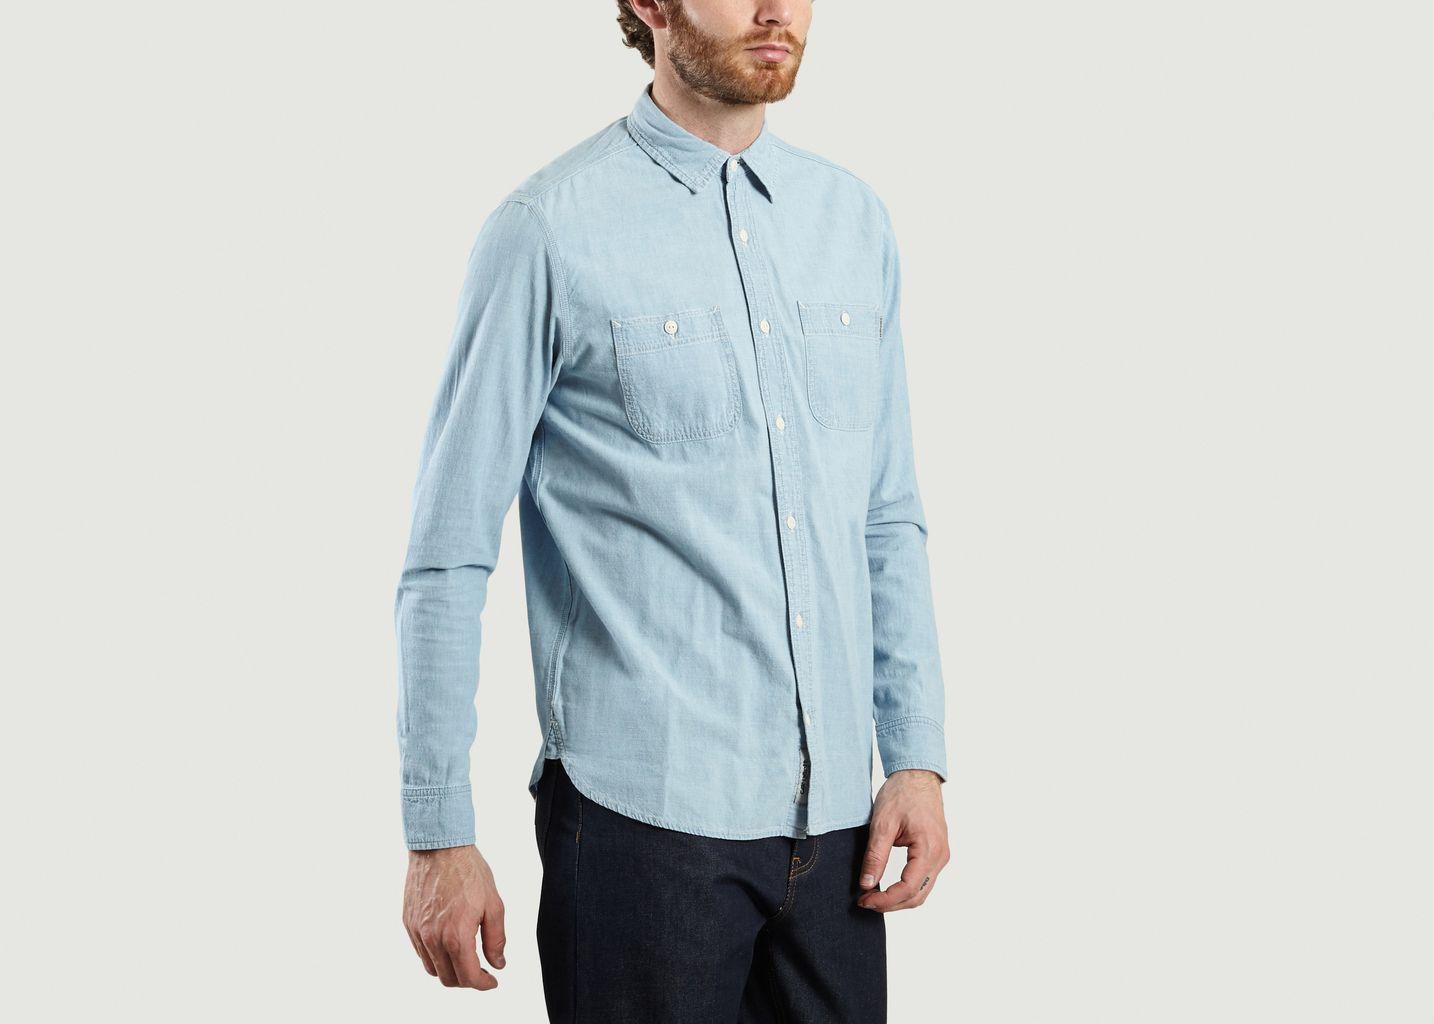 Clink Shirt - Carhartt WIP